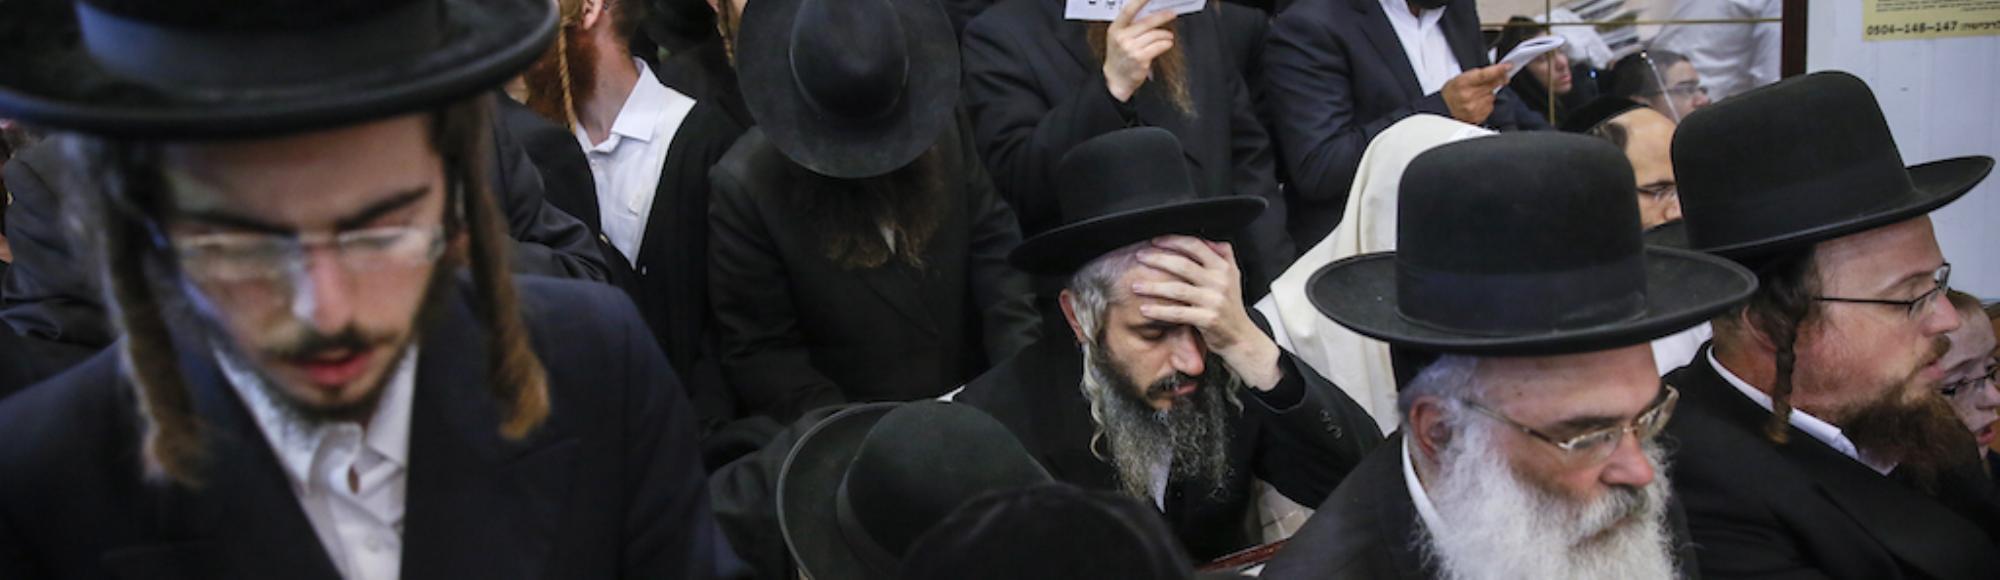 Hasidic jewish midget